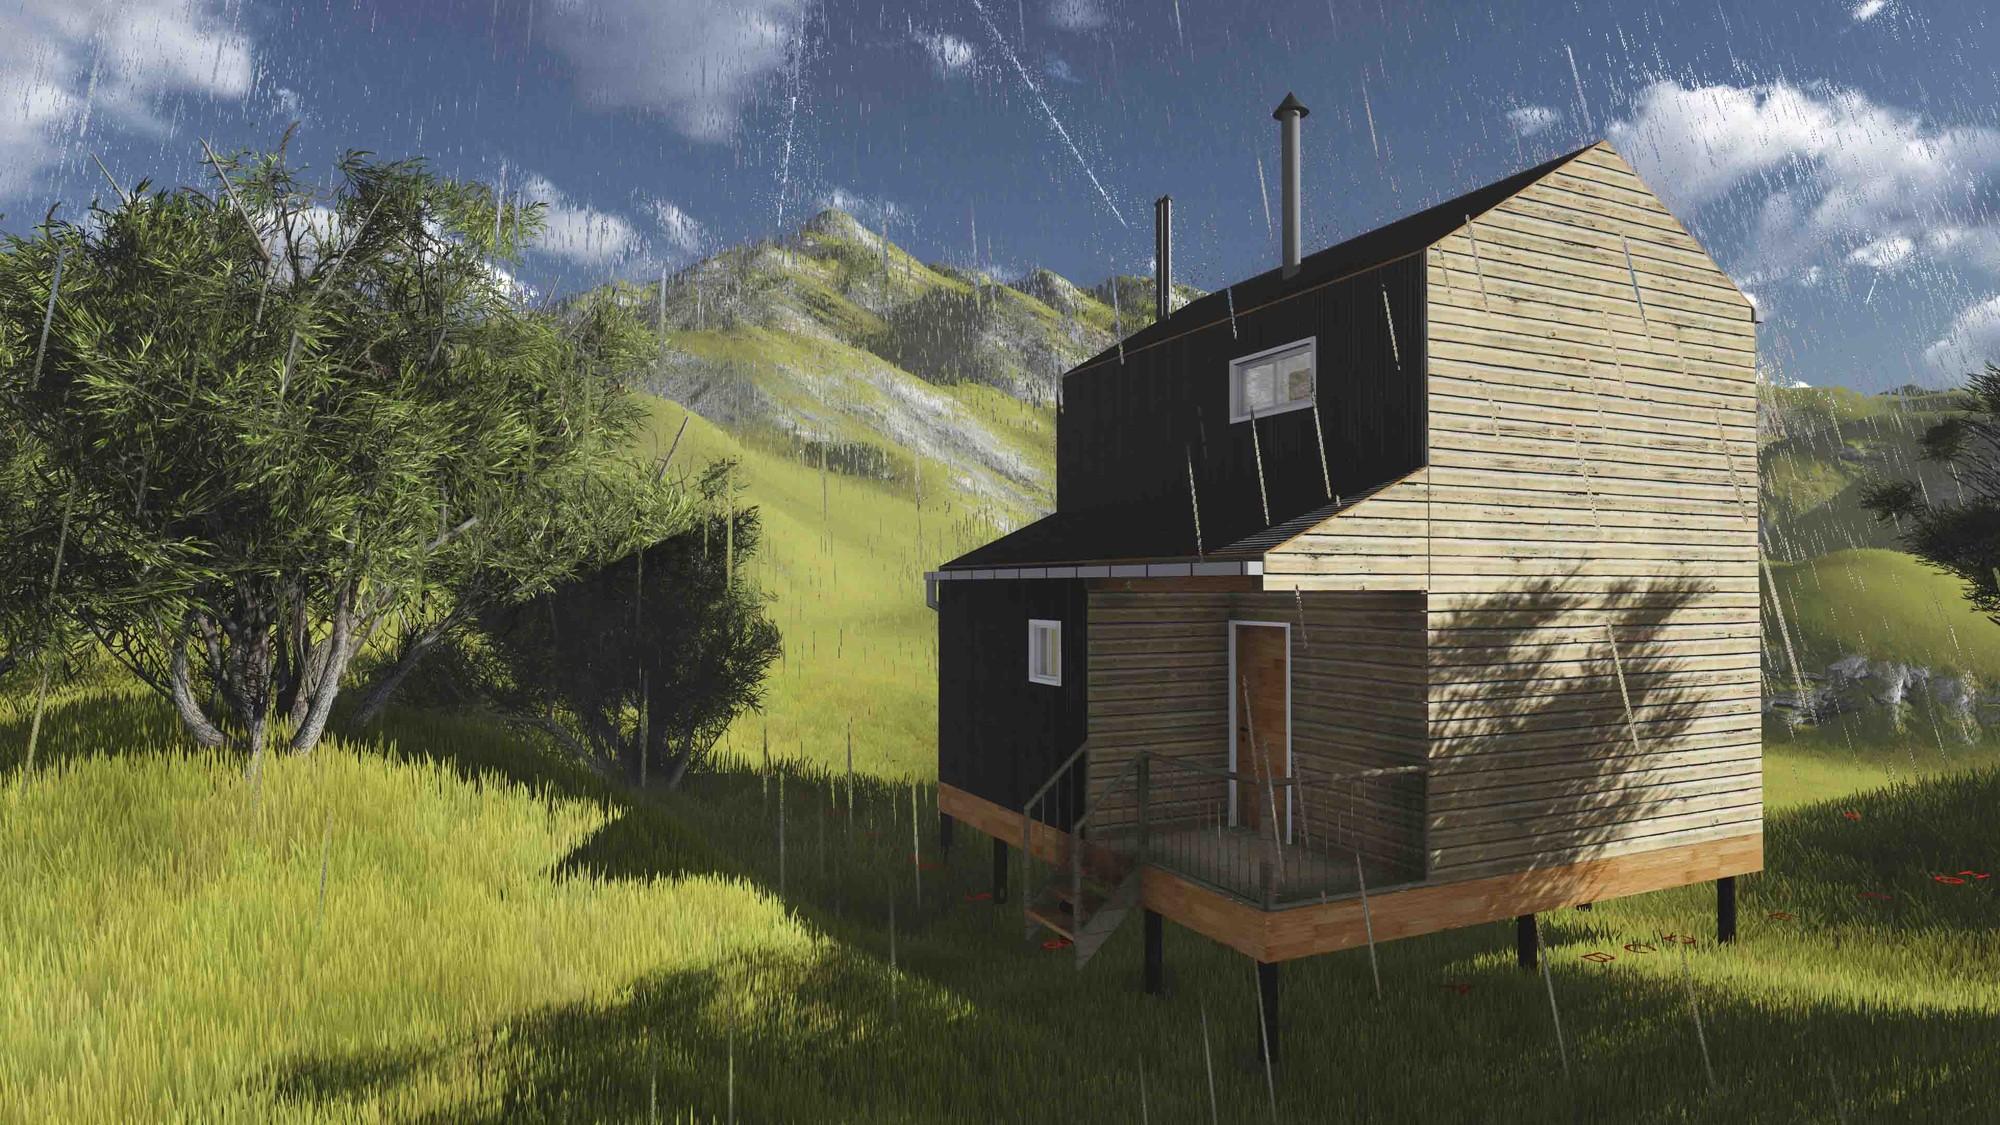 Grupo Amakaik, Mención Honrosa en Concurso de diseño de vivienda social sustentable en la Patagonia / Aysén, Chile, Cortesia de Equipo Mención Honrosa